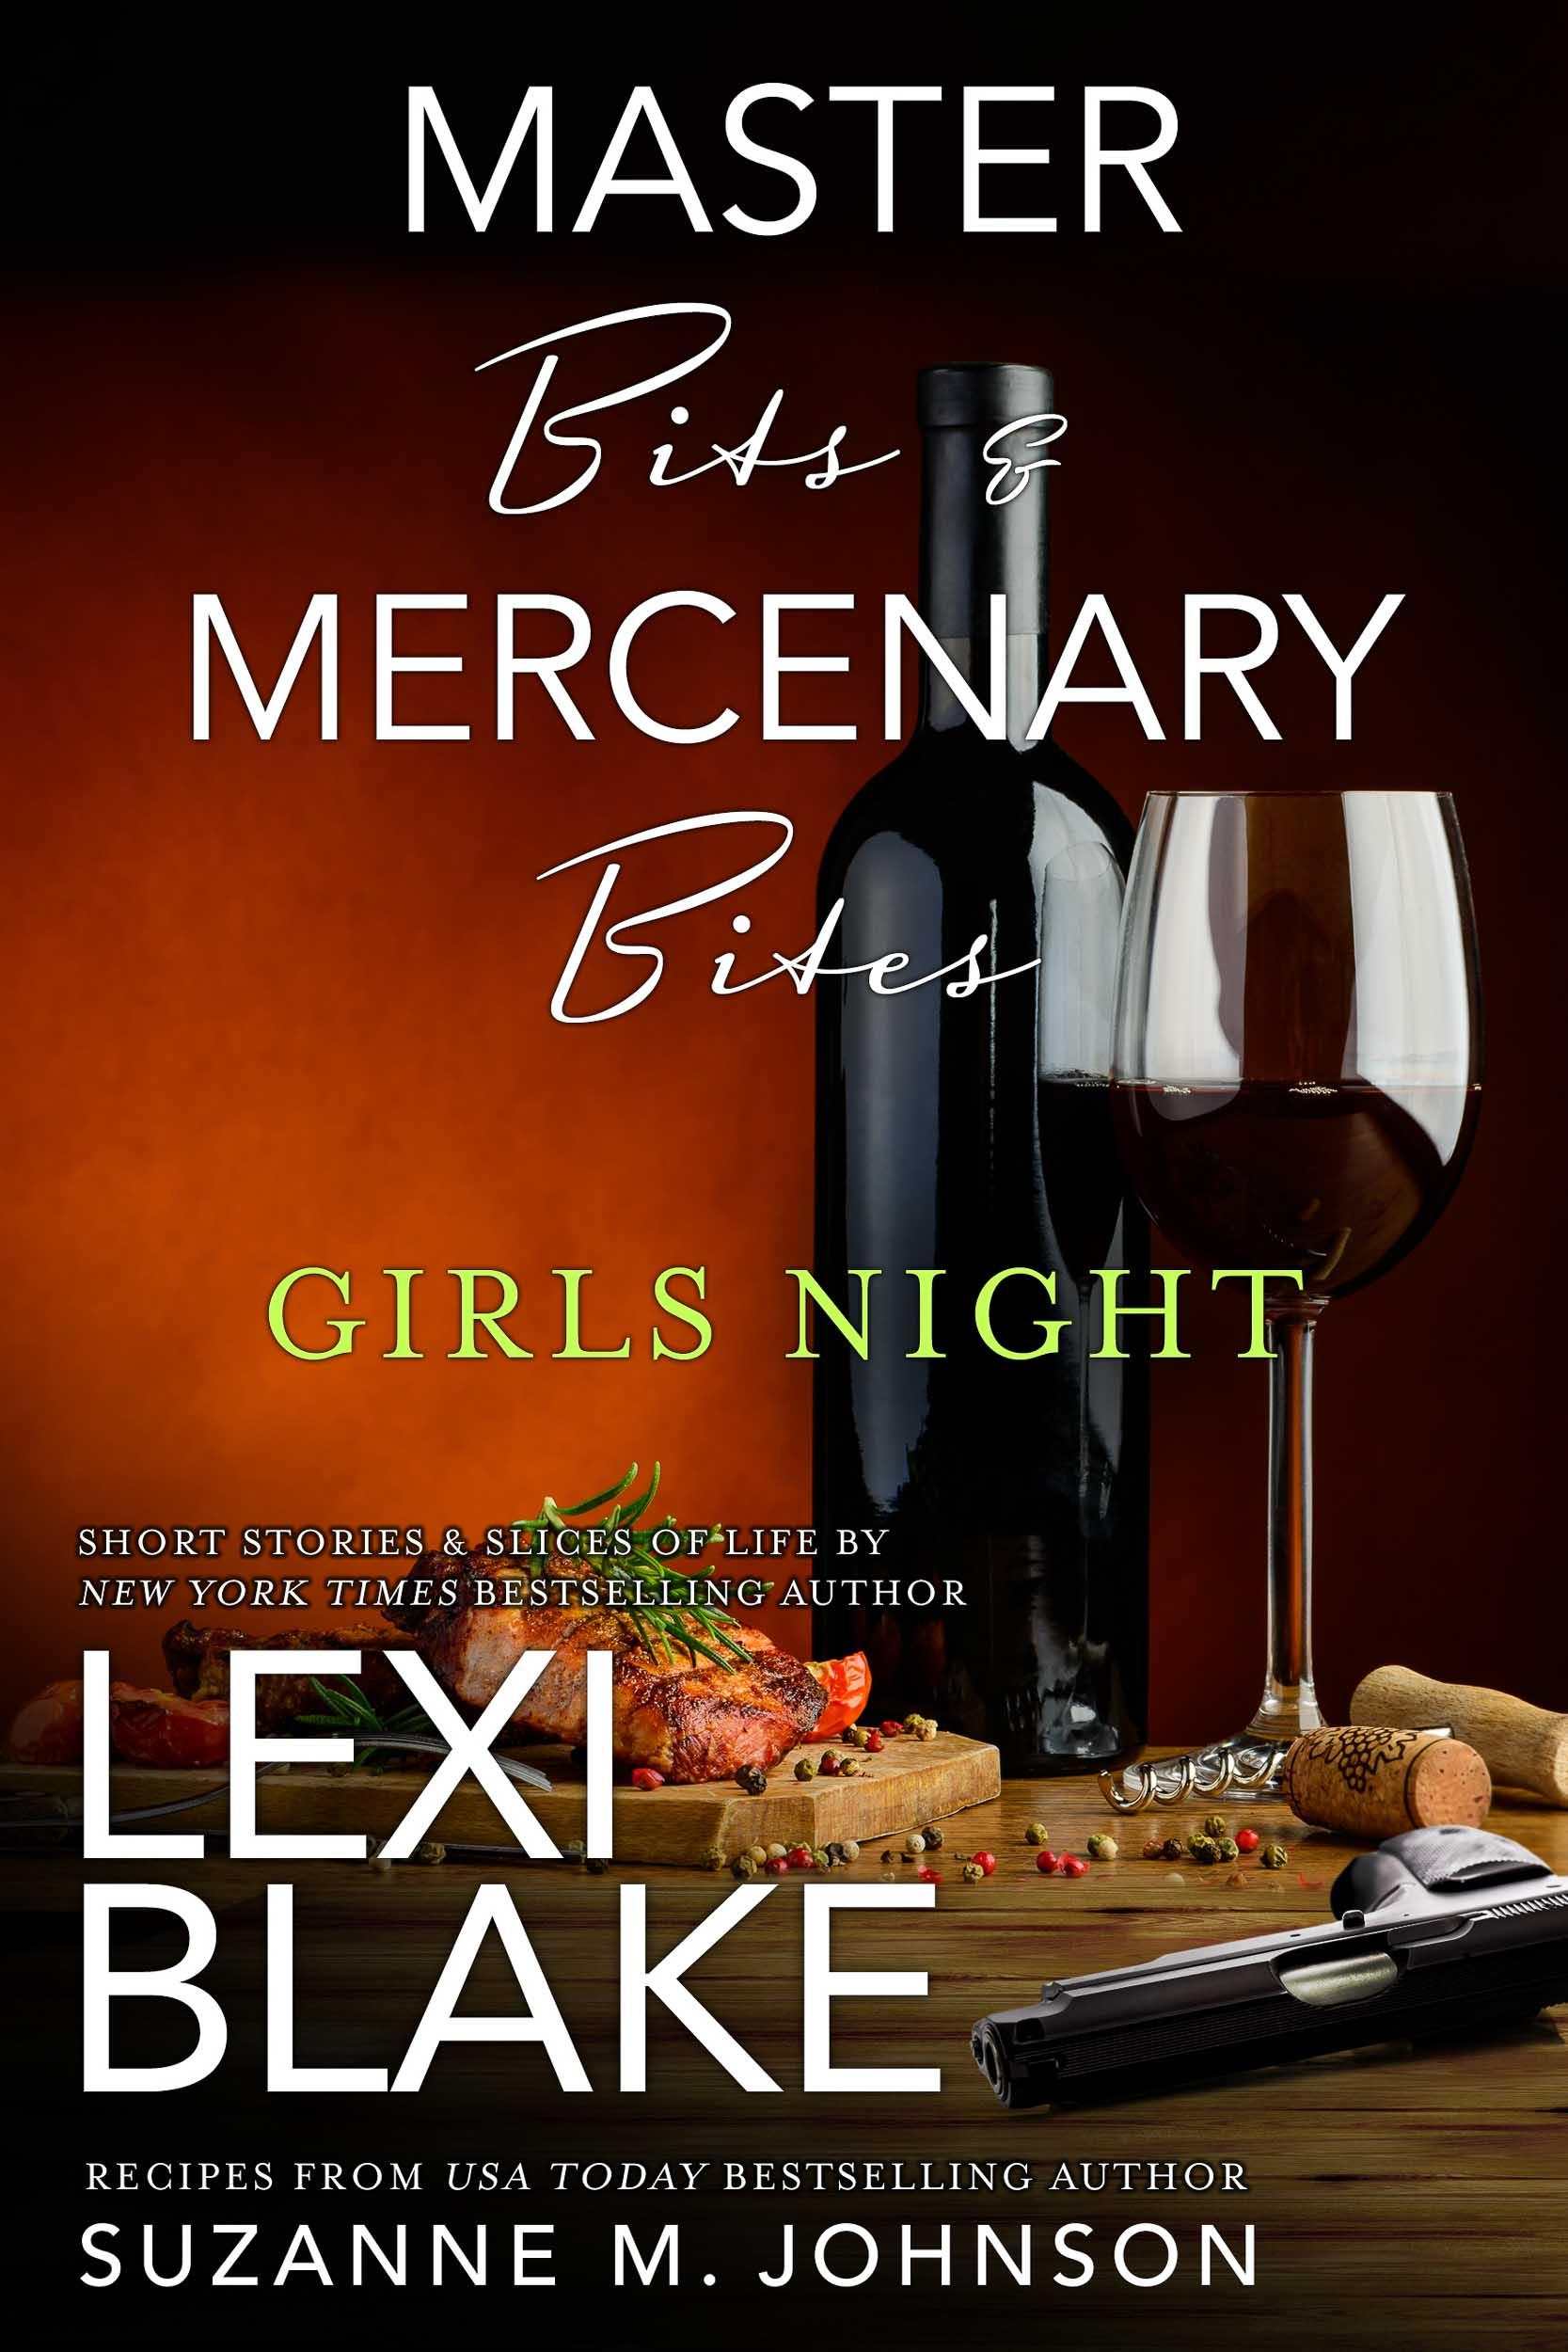 Lexi Blake Girls Night.jpg